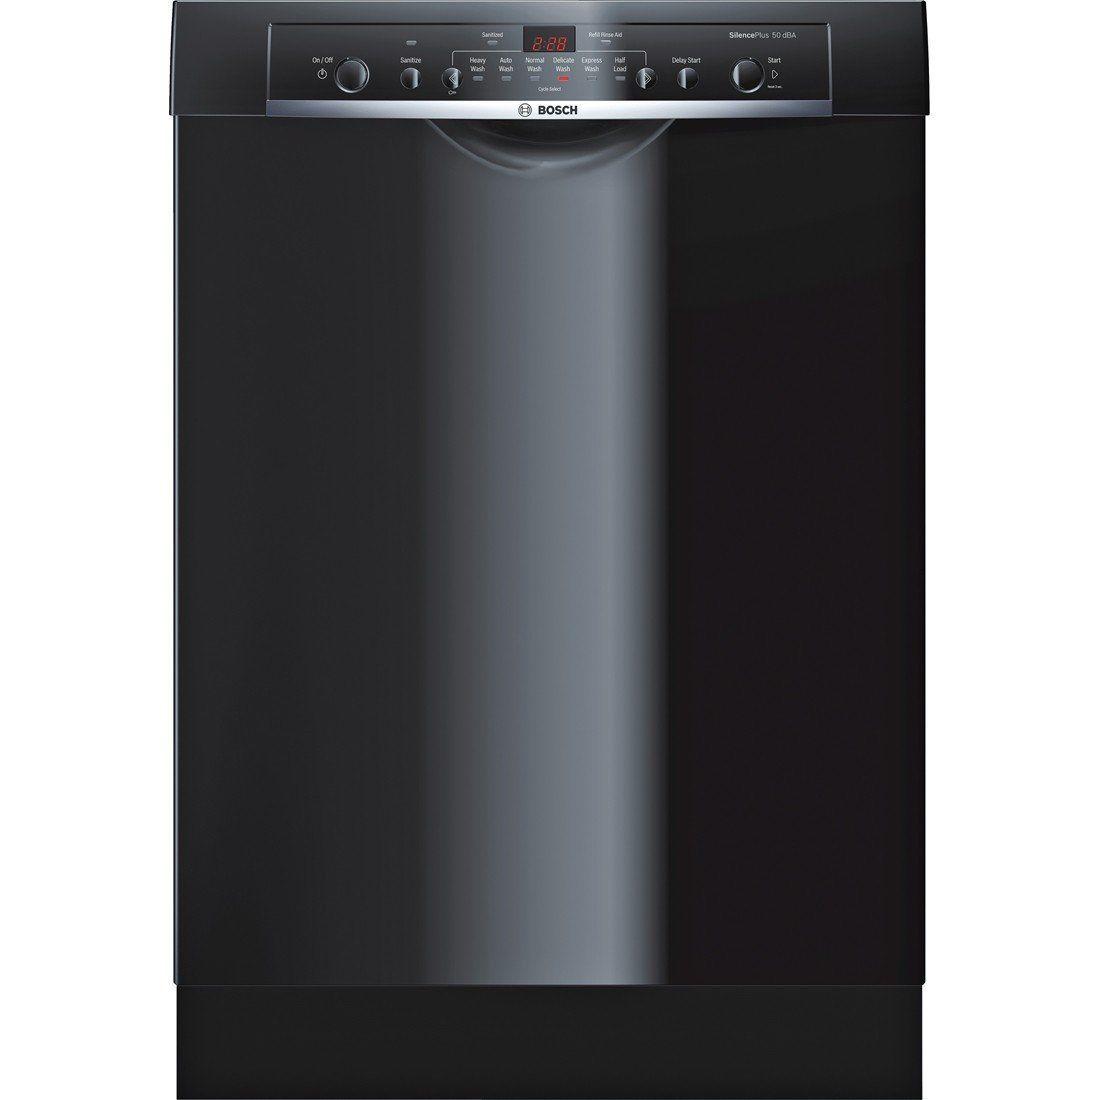 Ascenta she3ar76uc 24 full console builtin dishwasher